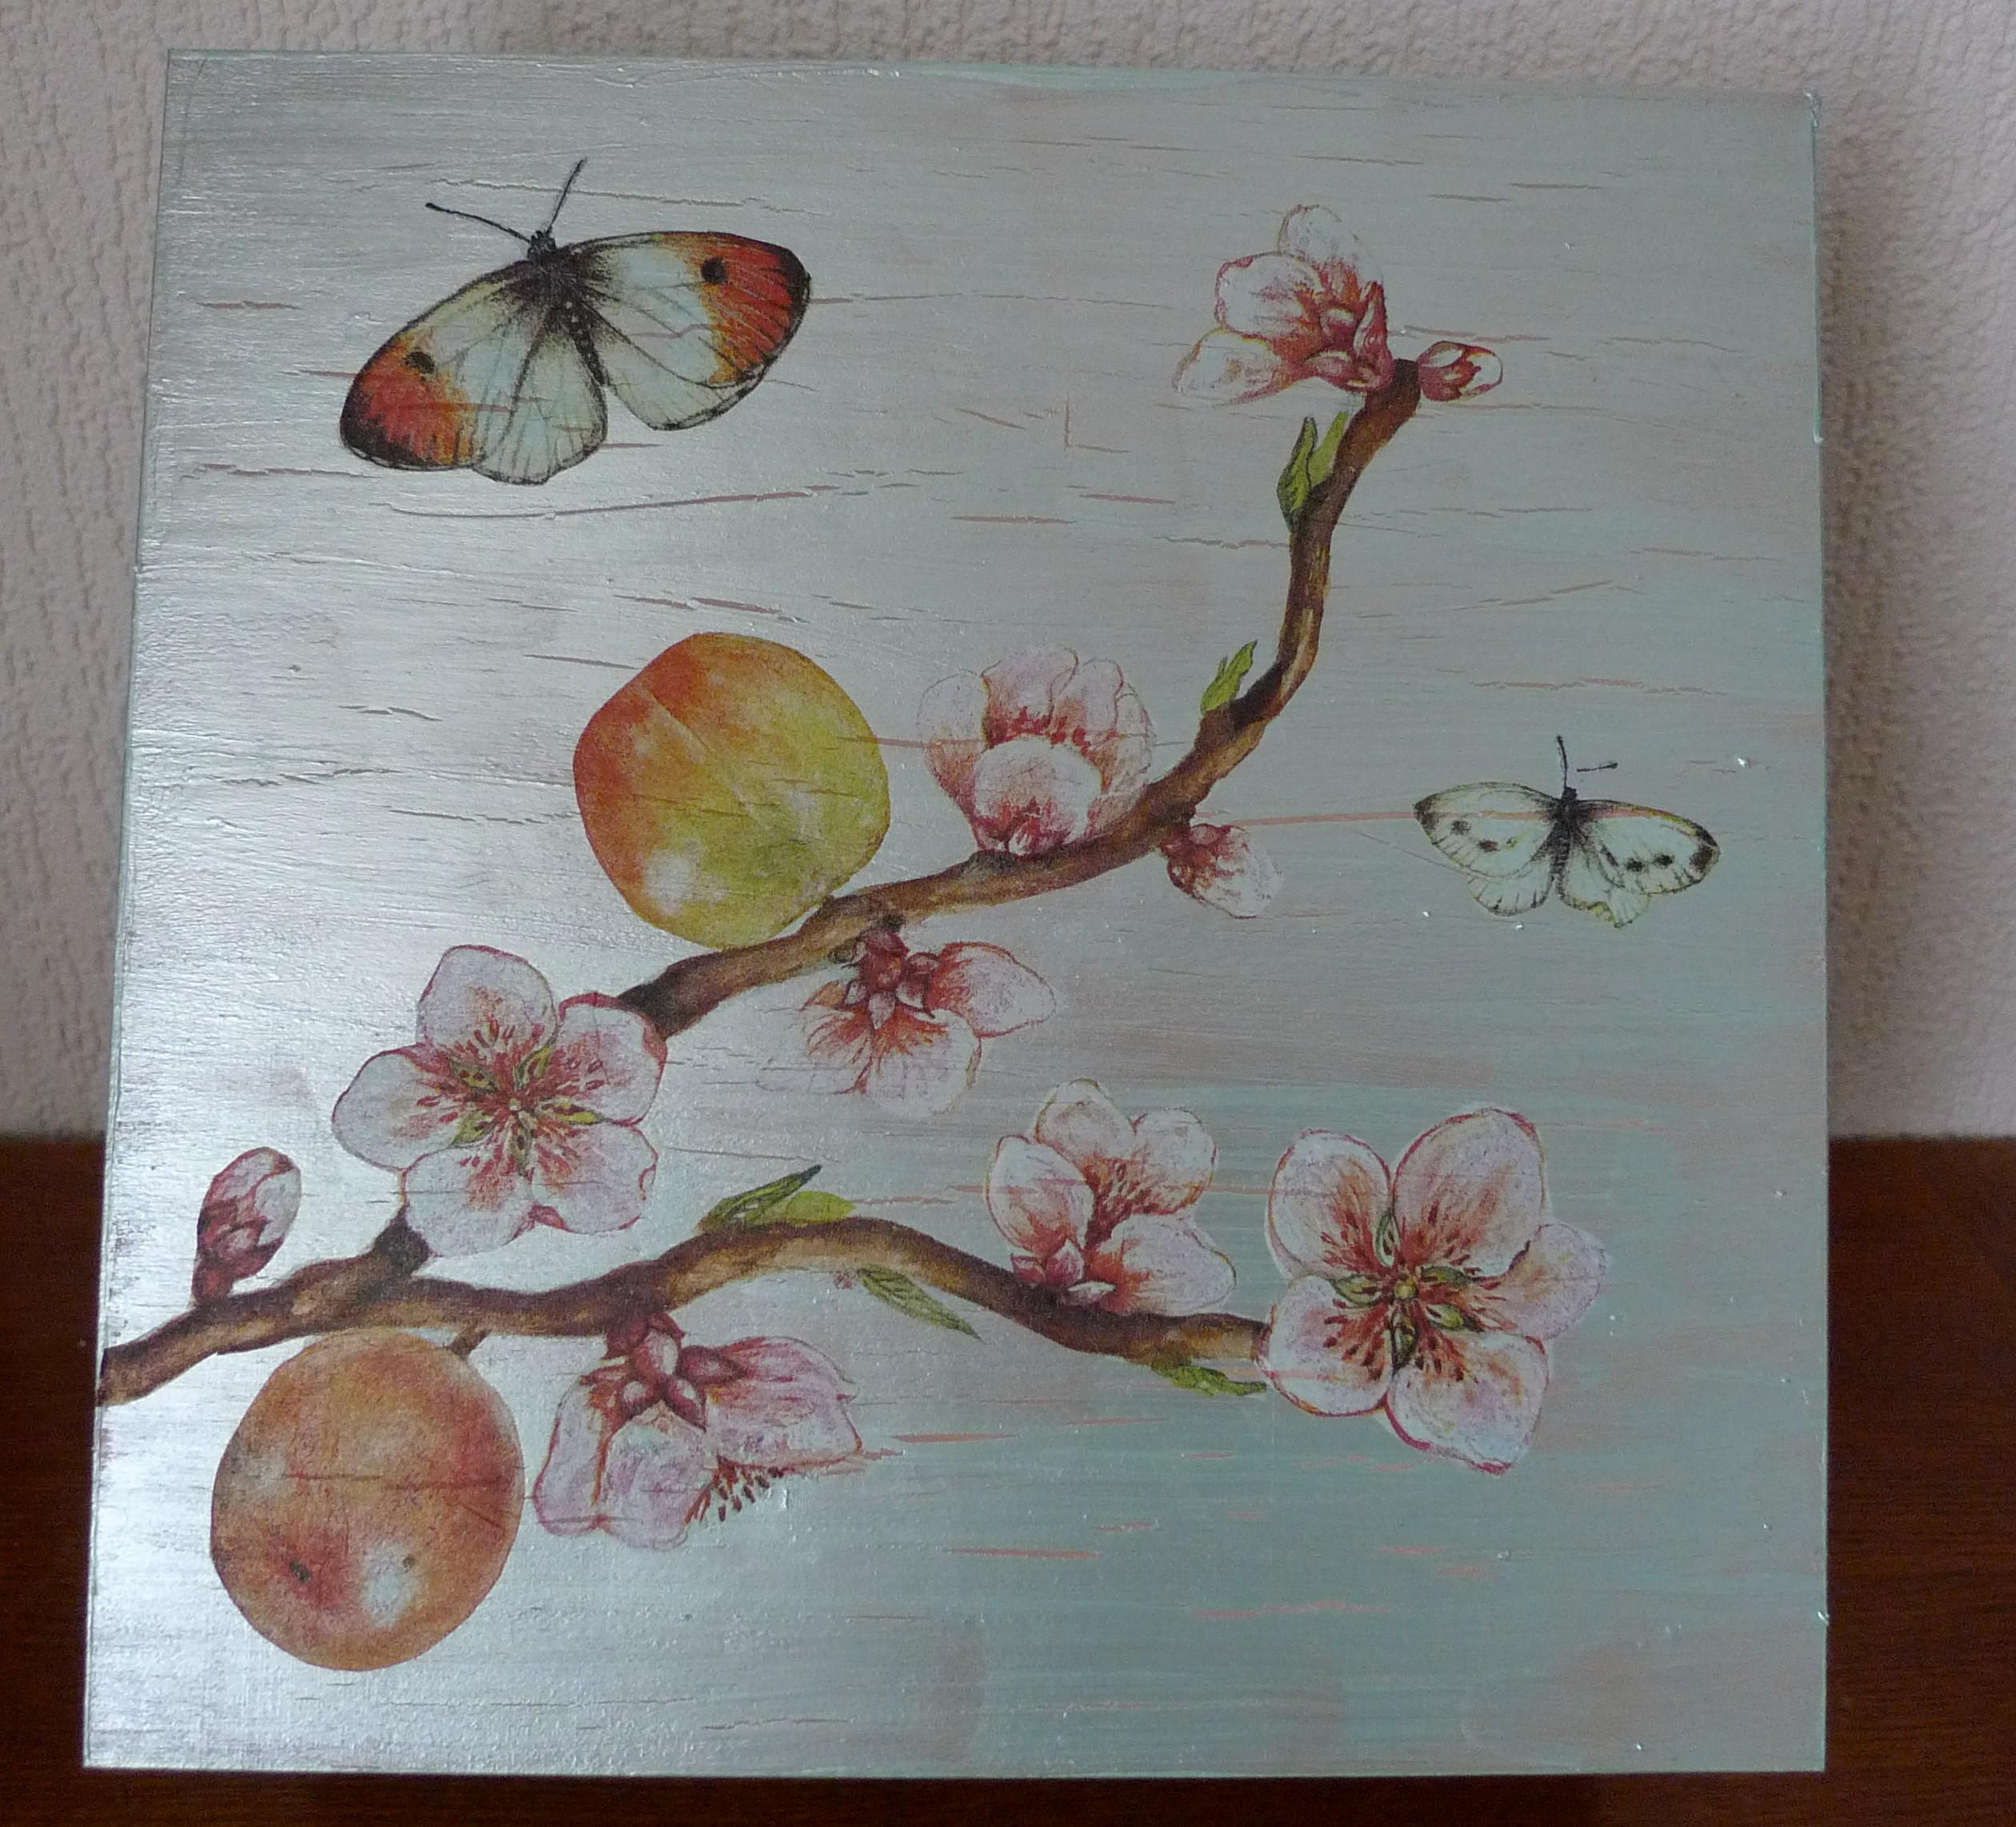 boitepommierpapillons